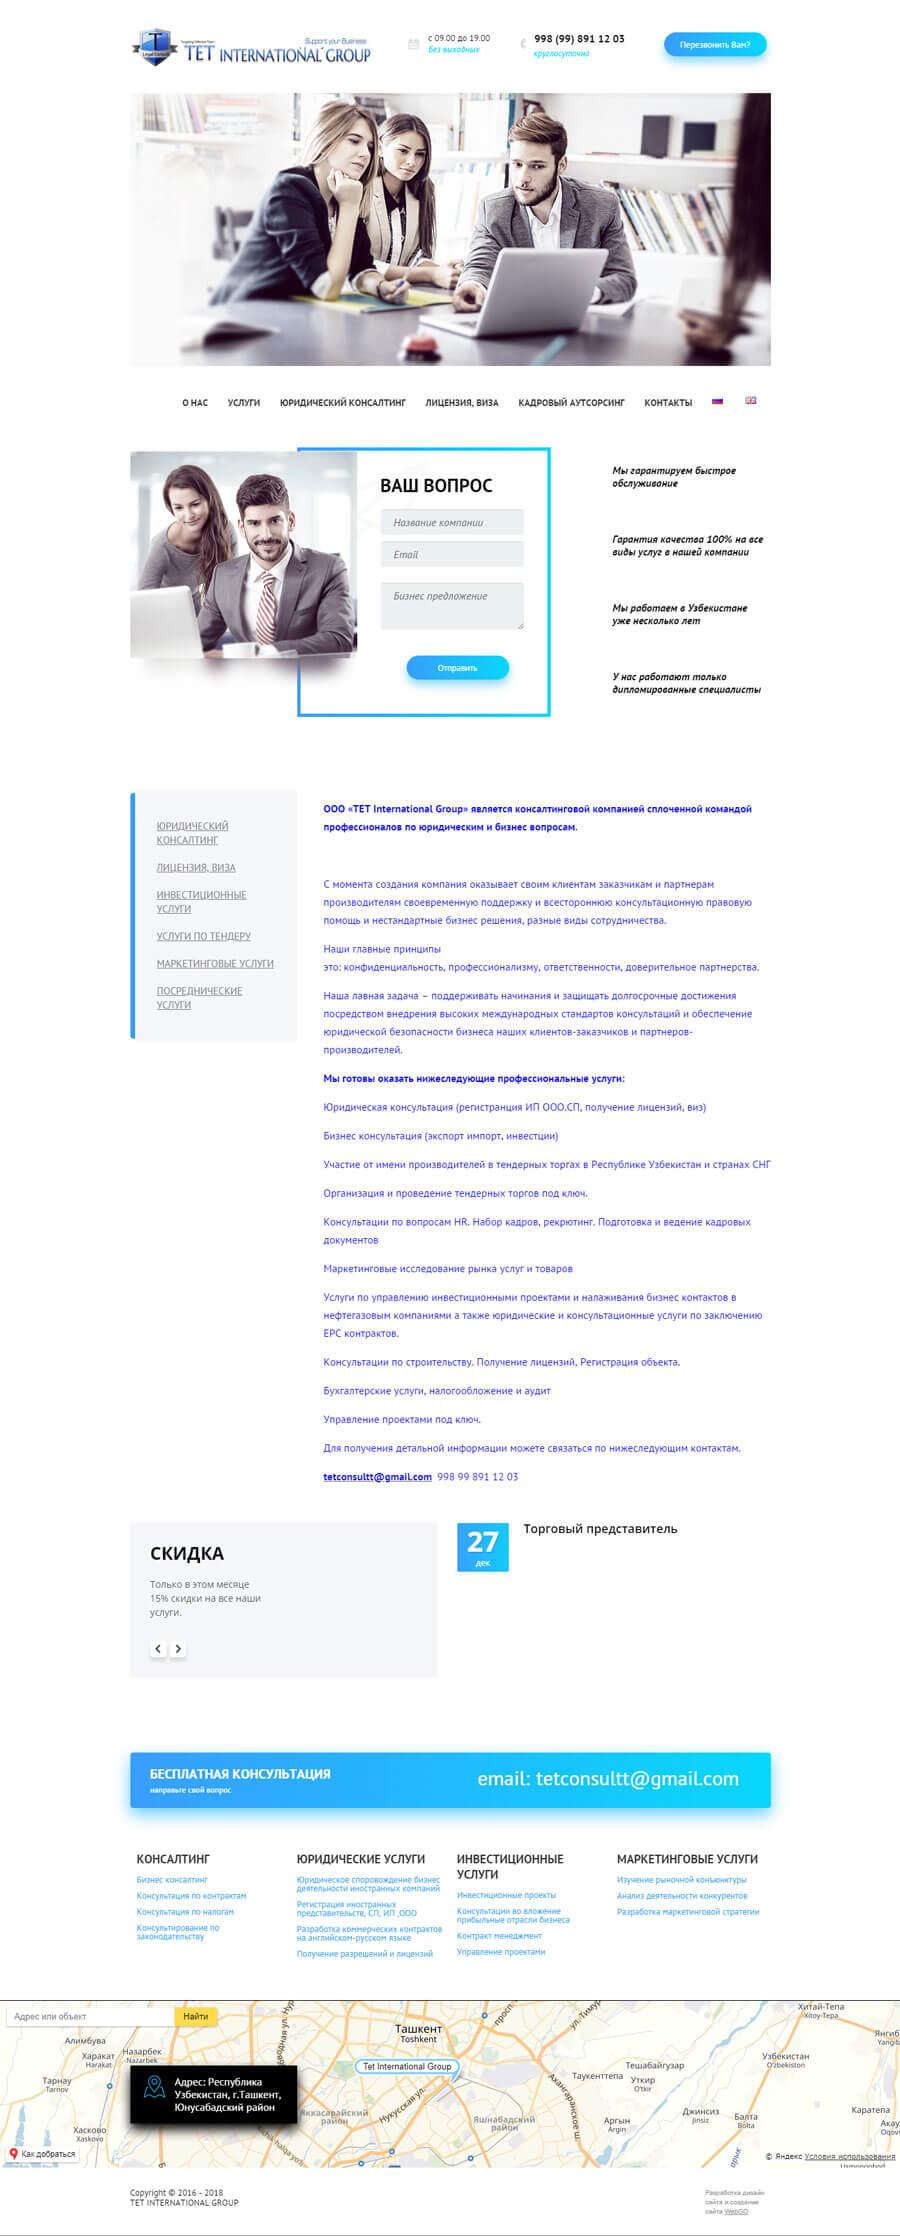 Создание сайта в Ташкенте для TET International Group uzyurist.uz